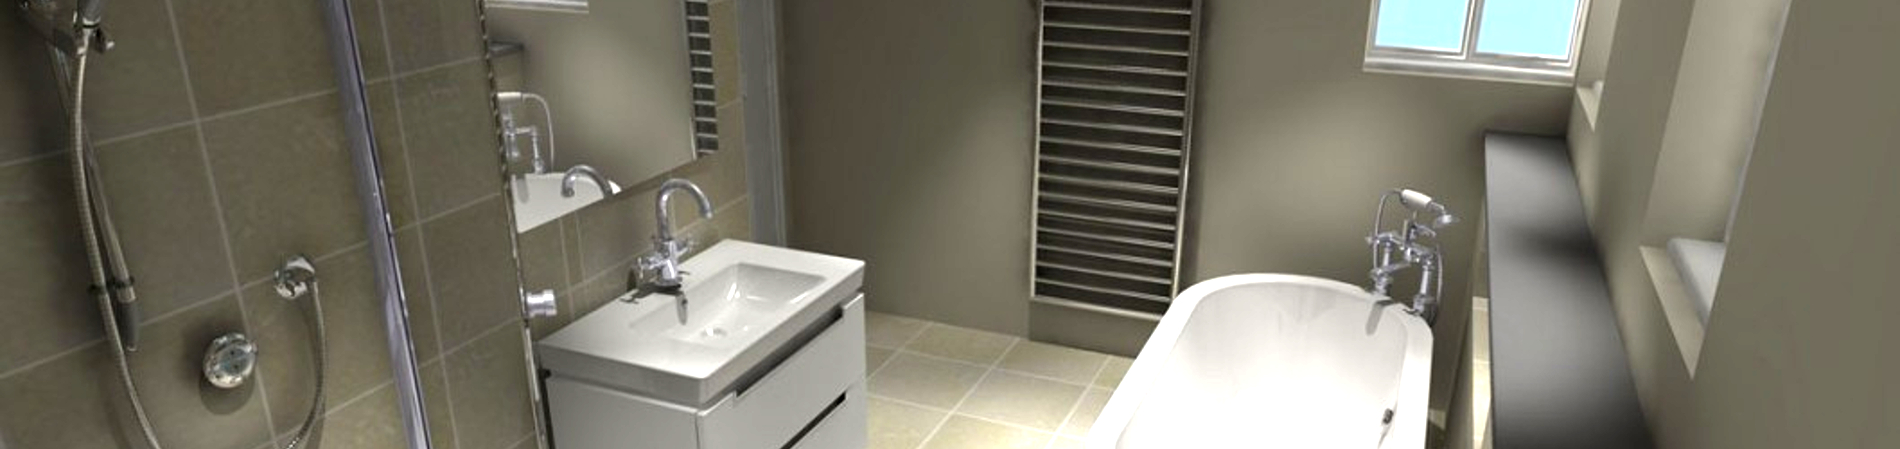 Precio reforma de ba o para ducha lavabo inodoro for Precios de azulejos para bano